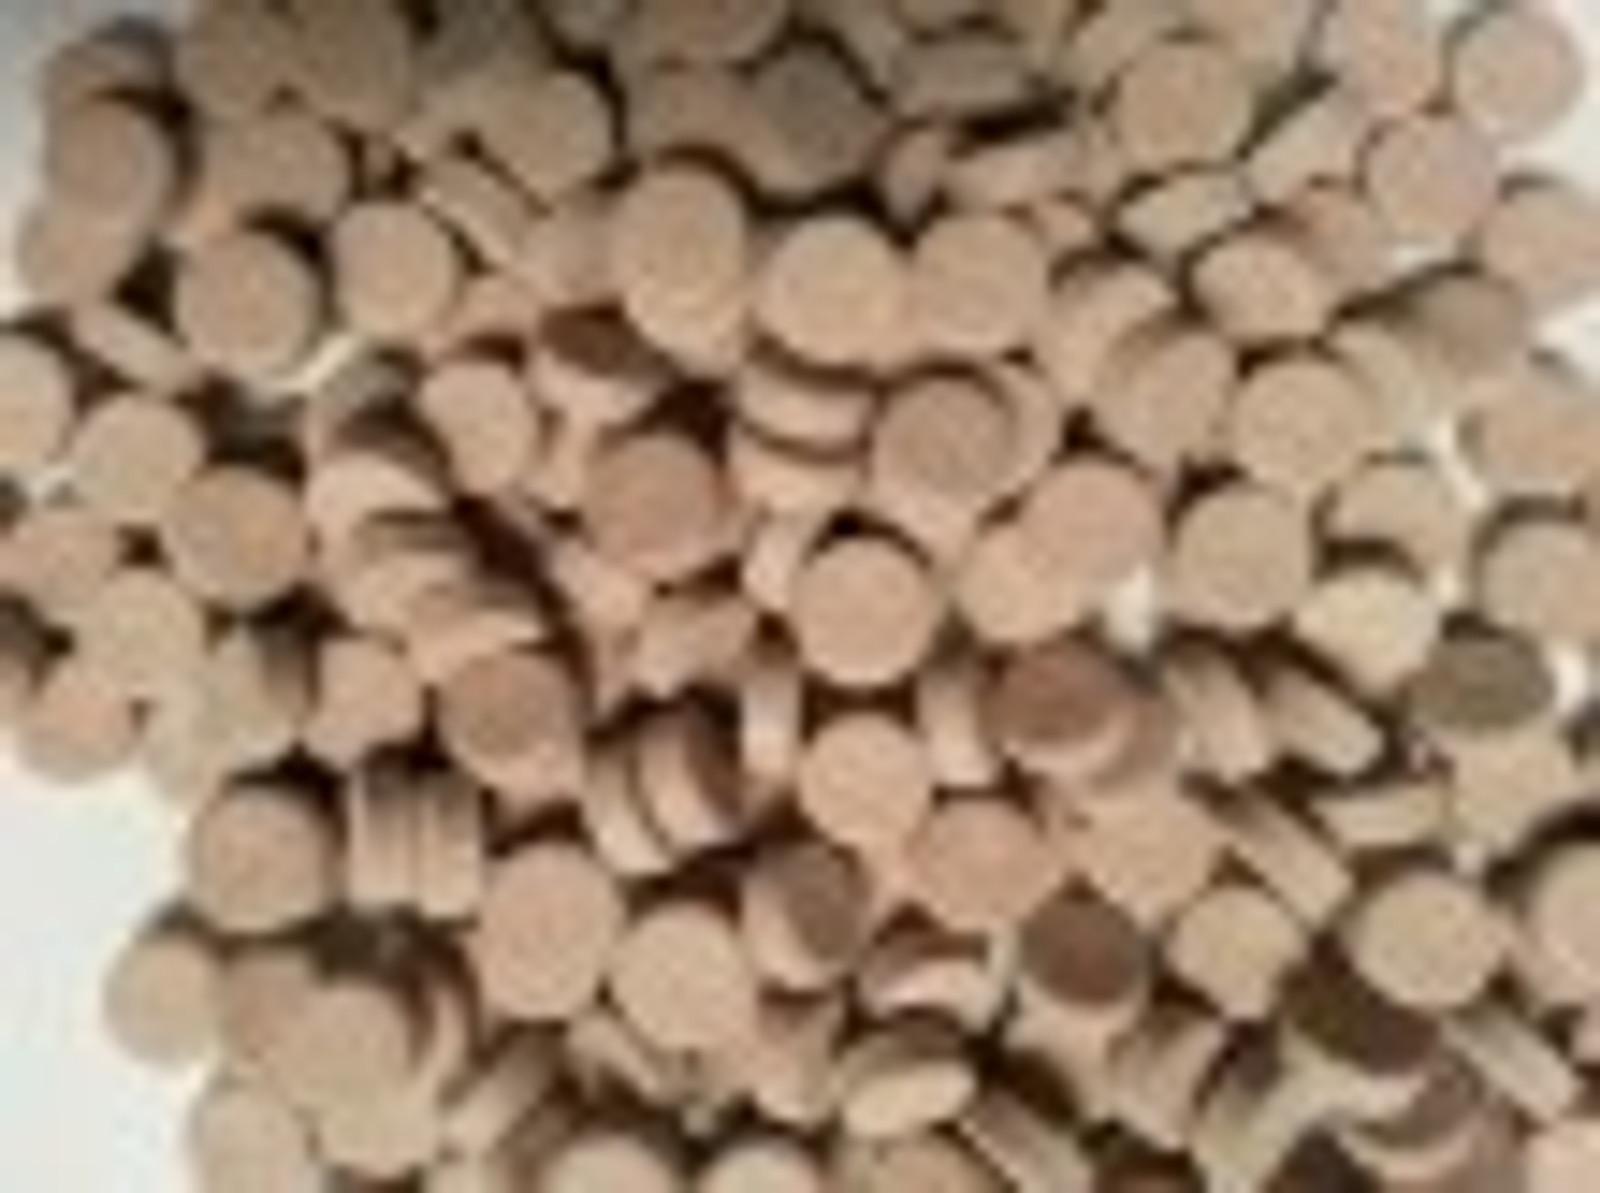 Aquaristik-Paradies Biofuttertabletten 375 g (ca. 500 ml) - verwendbar als Haft- und Bodentabletten